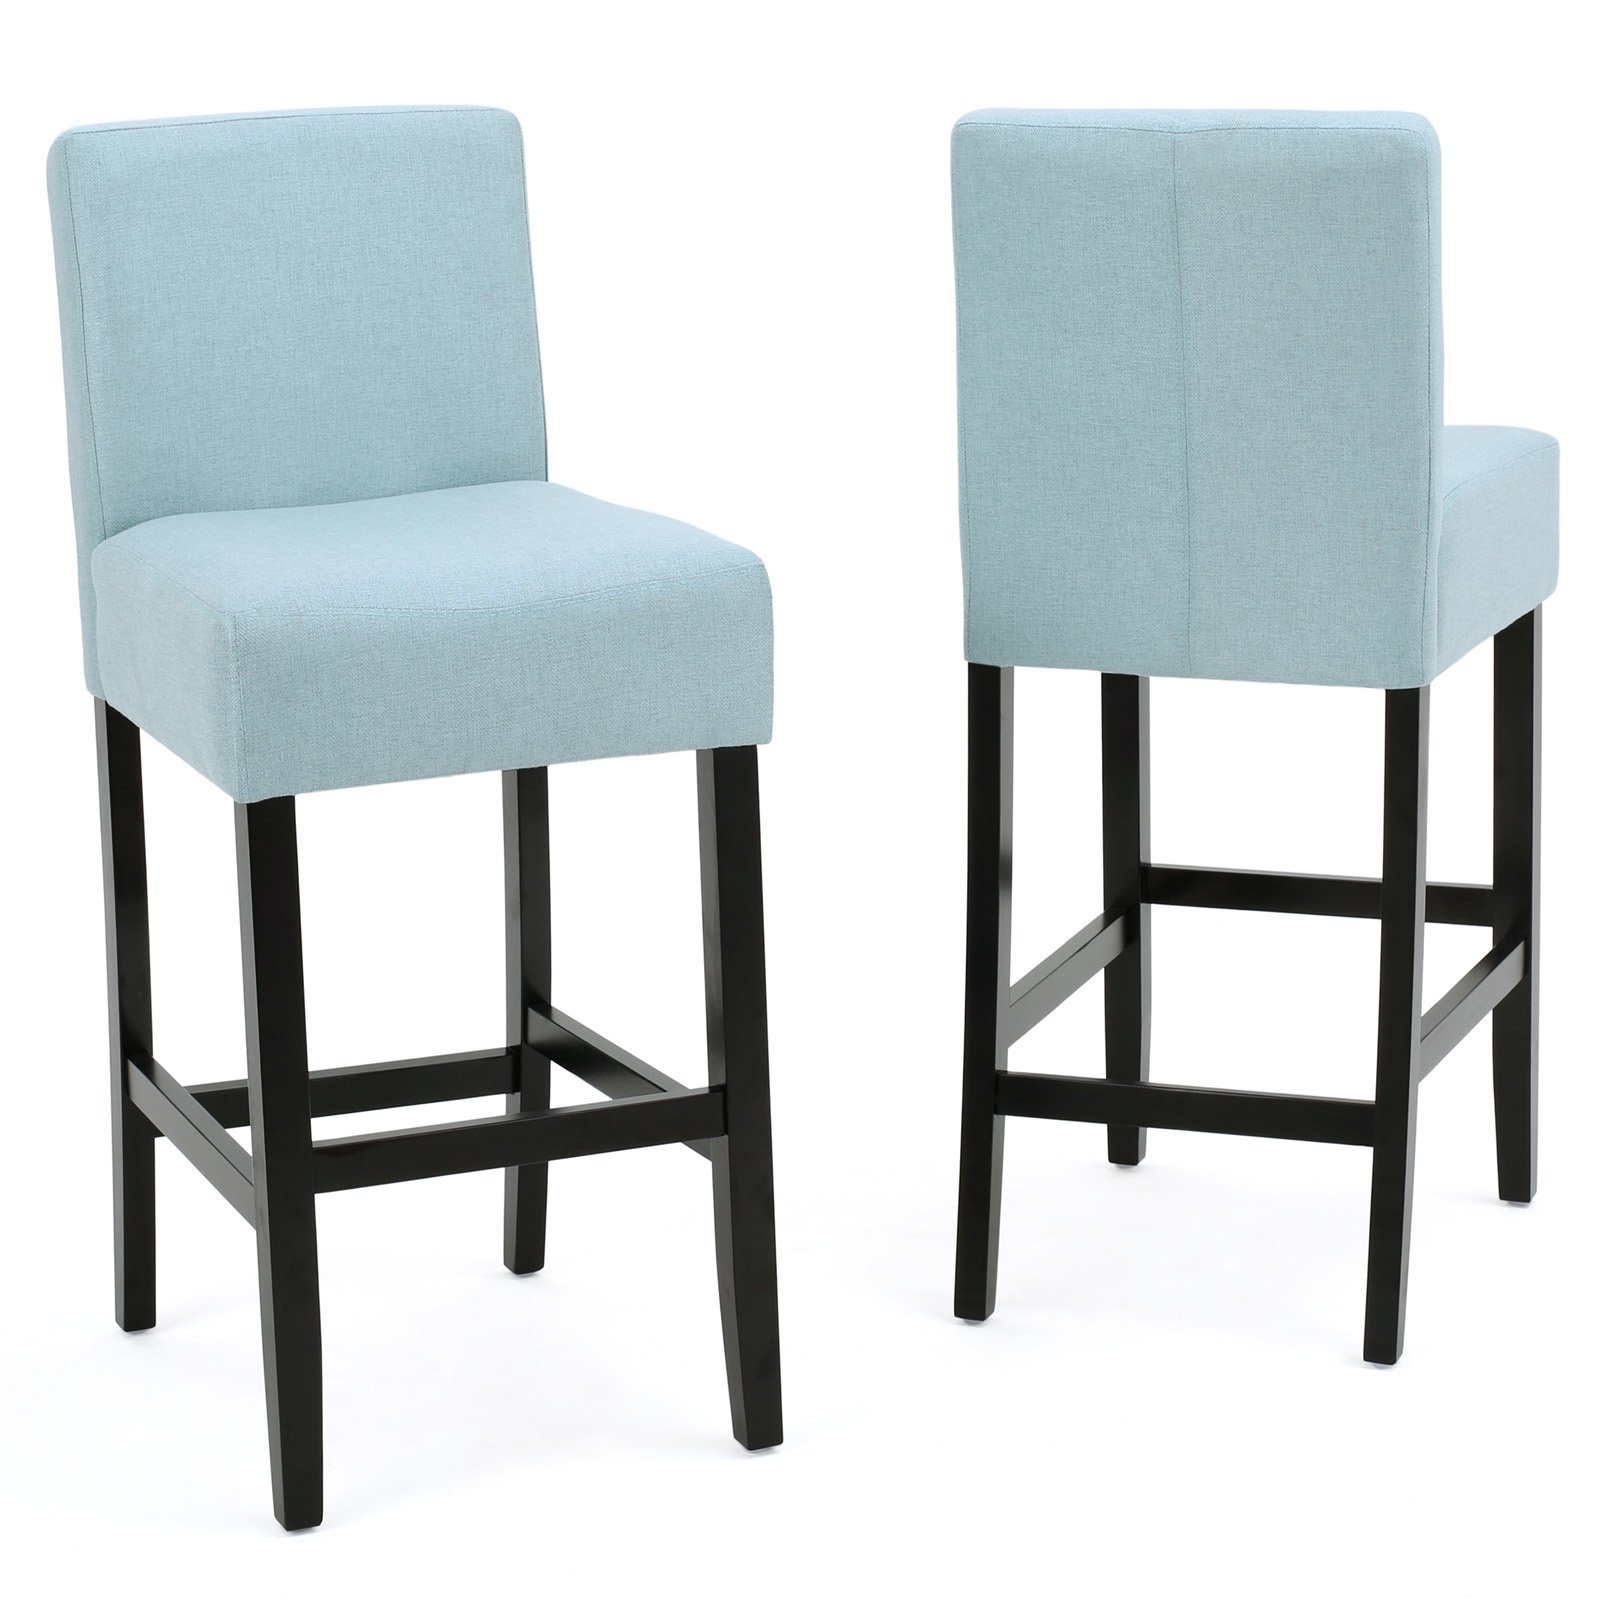 8af7a501083 Ligan Upholstered Counter Stool - Set of 2 Beige in 2019